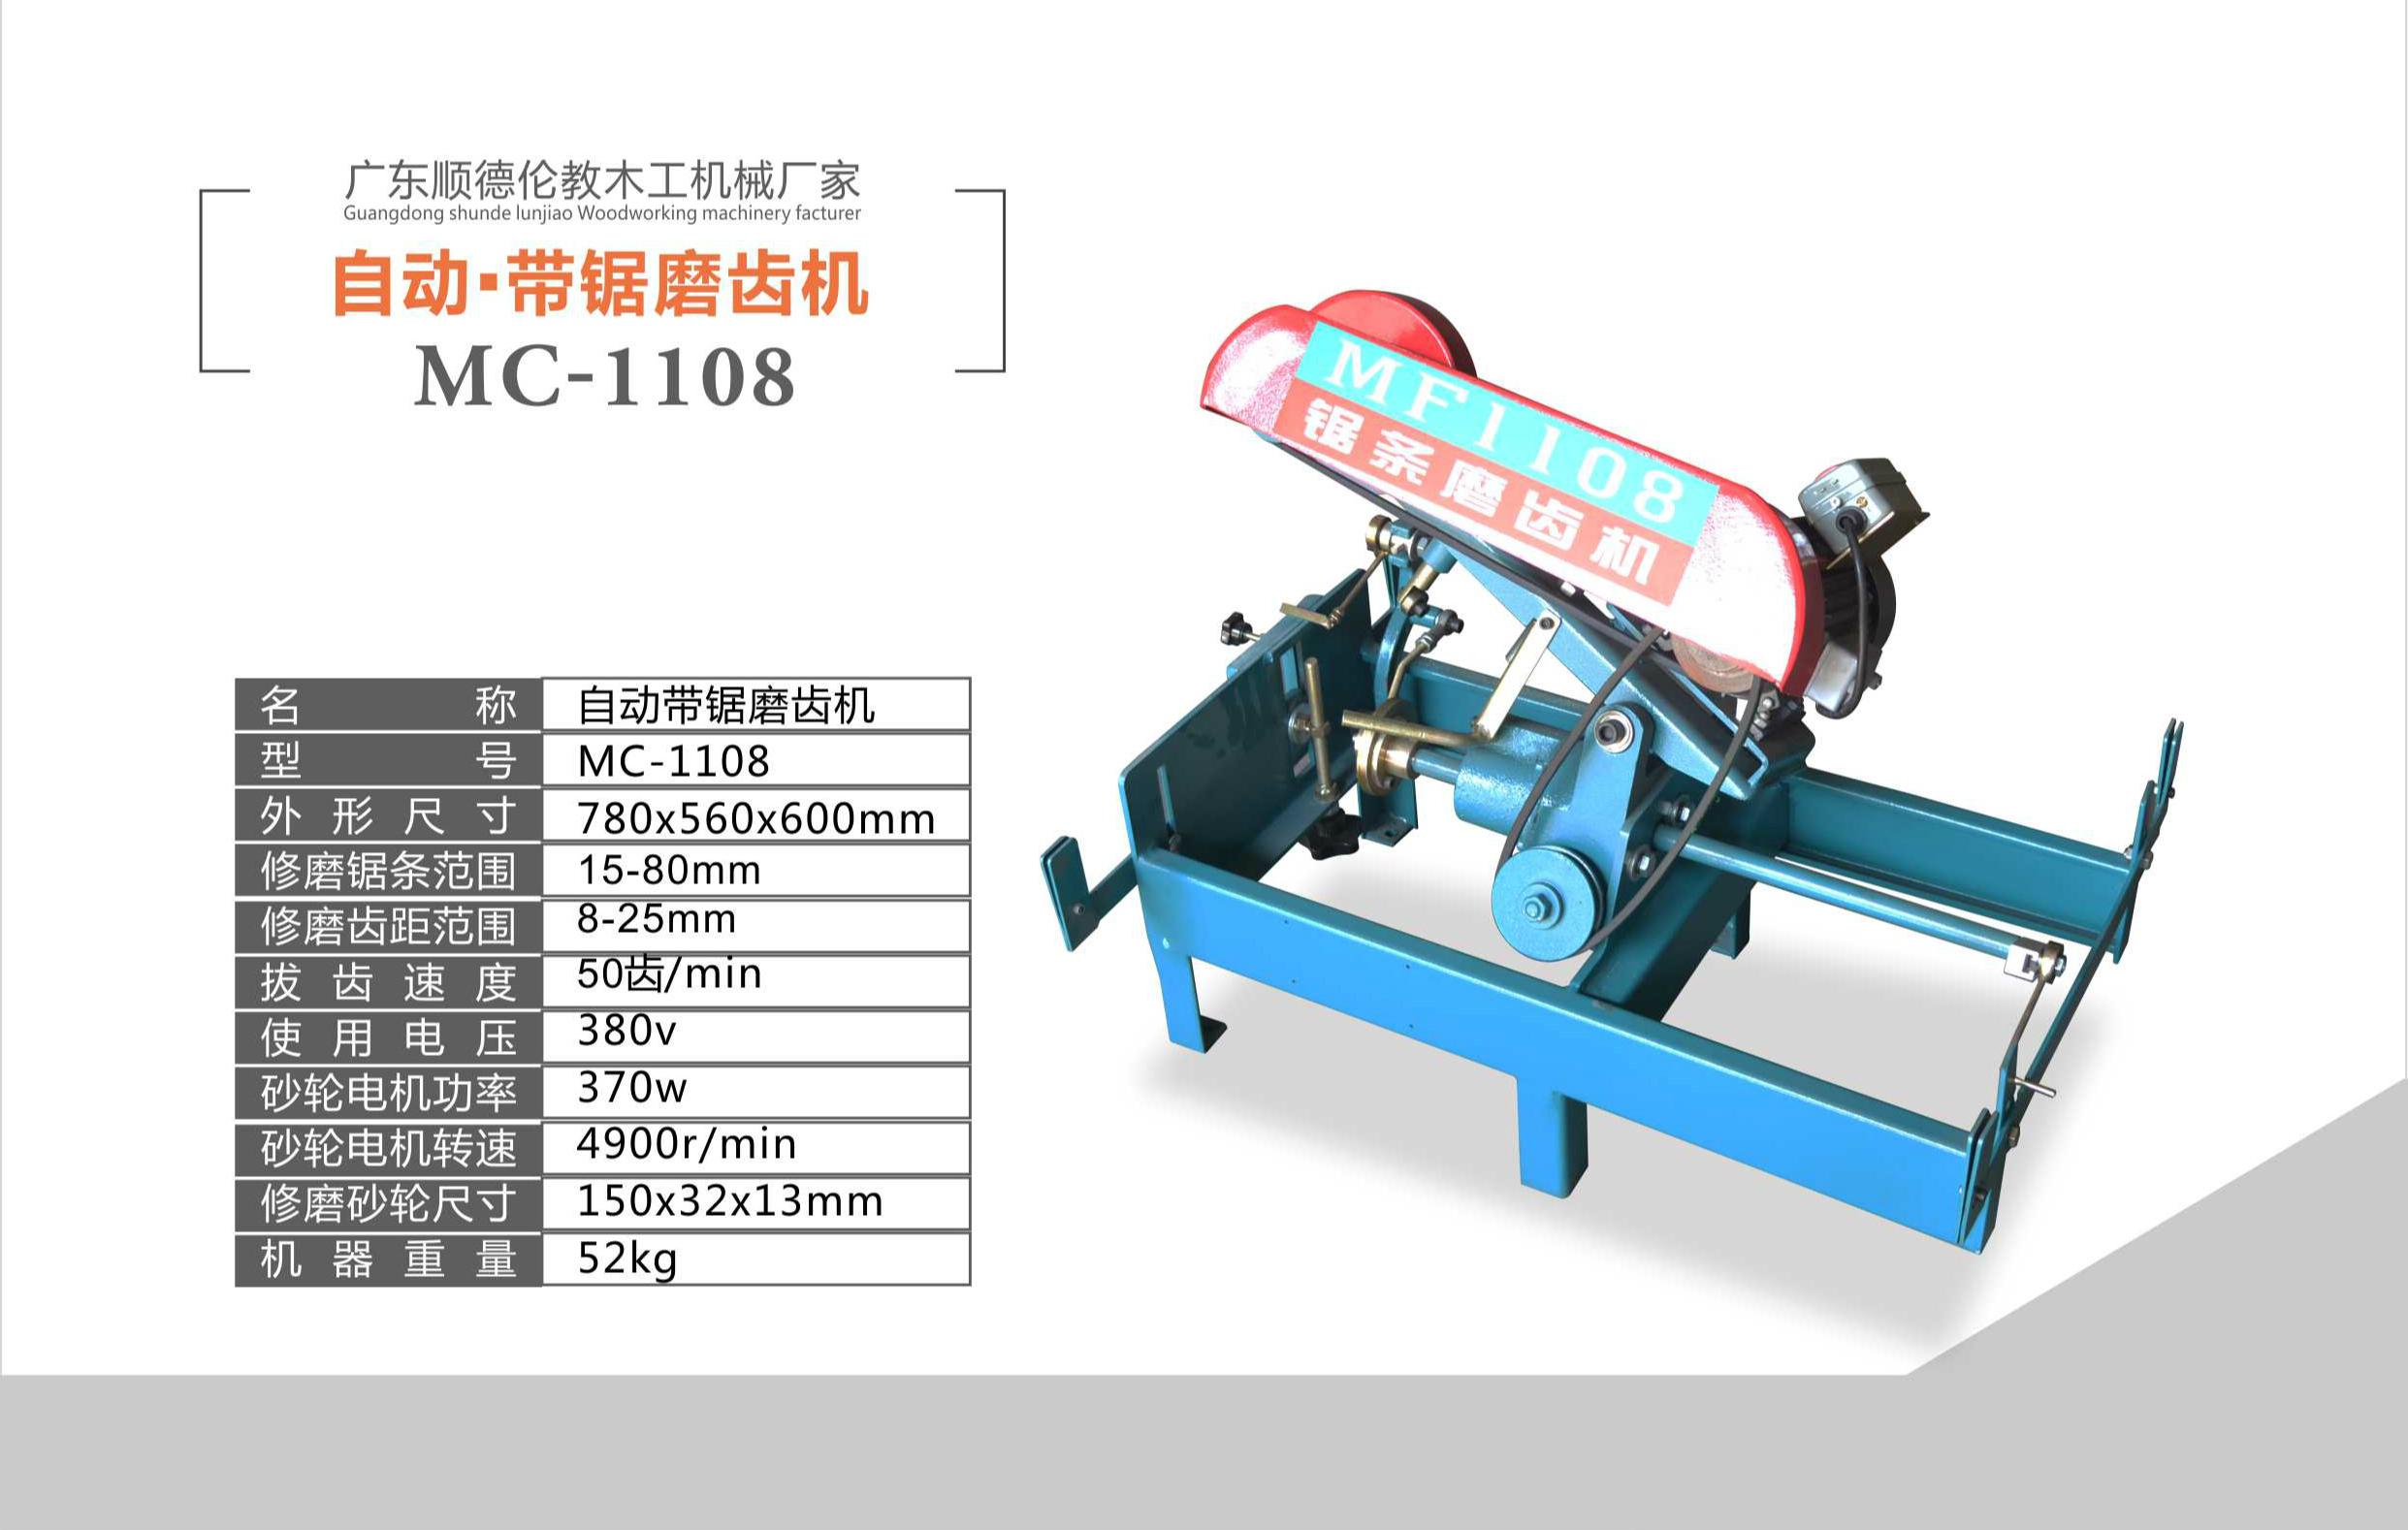 自动·带锯磨齿机 MC-1108